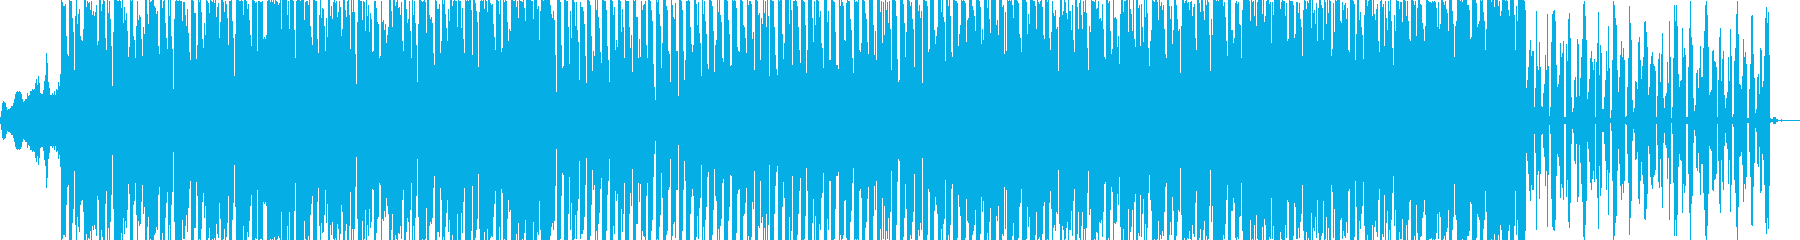 エクササイズにぴったりのシンプルEDMの再生済みの波形